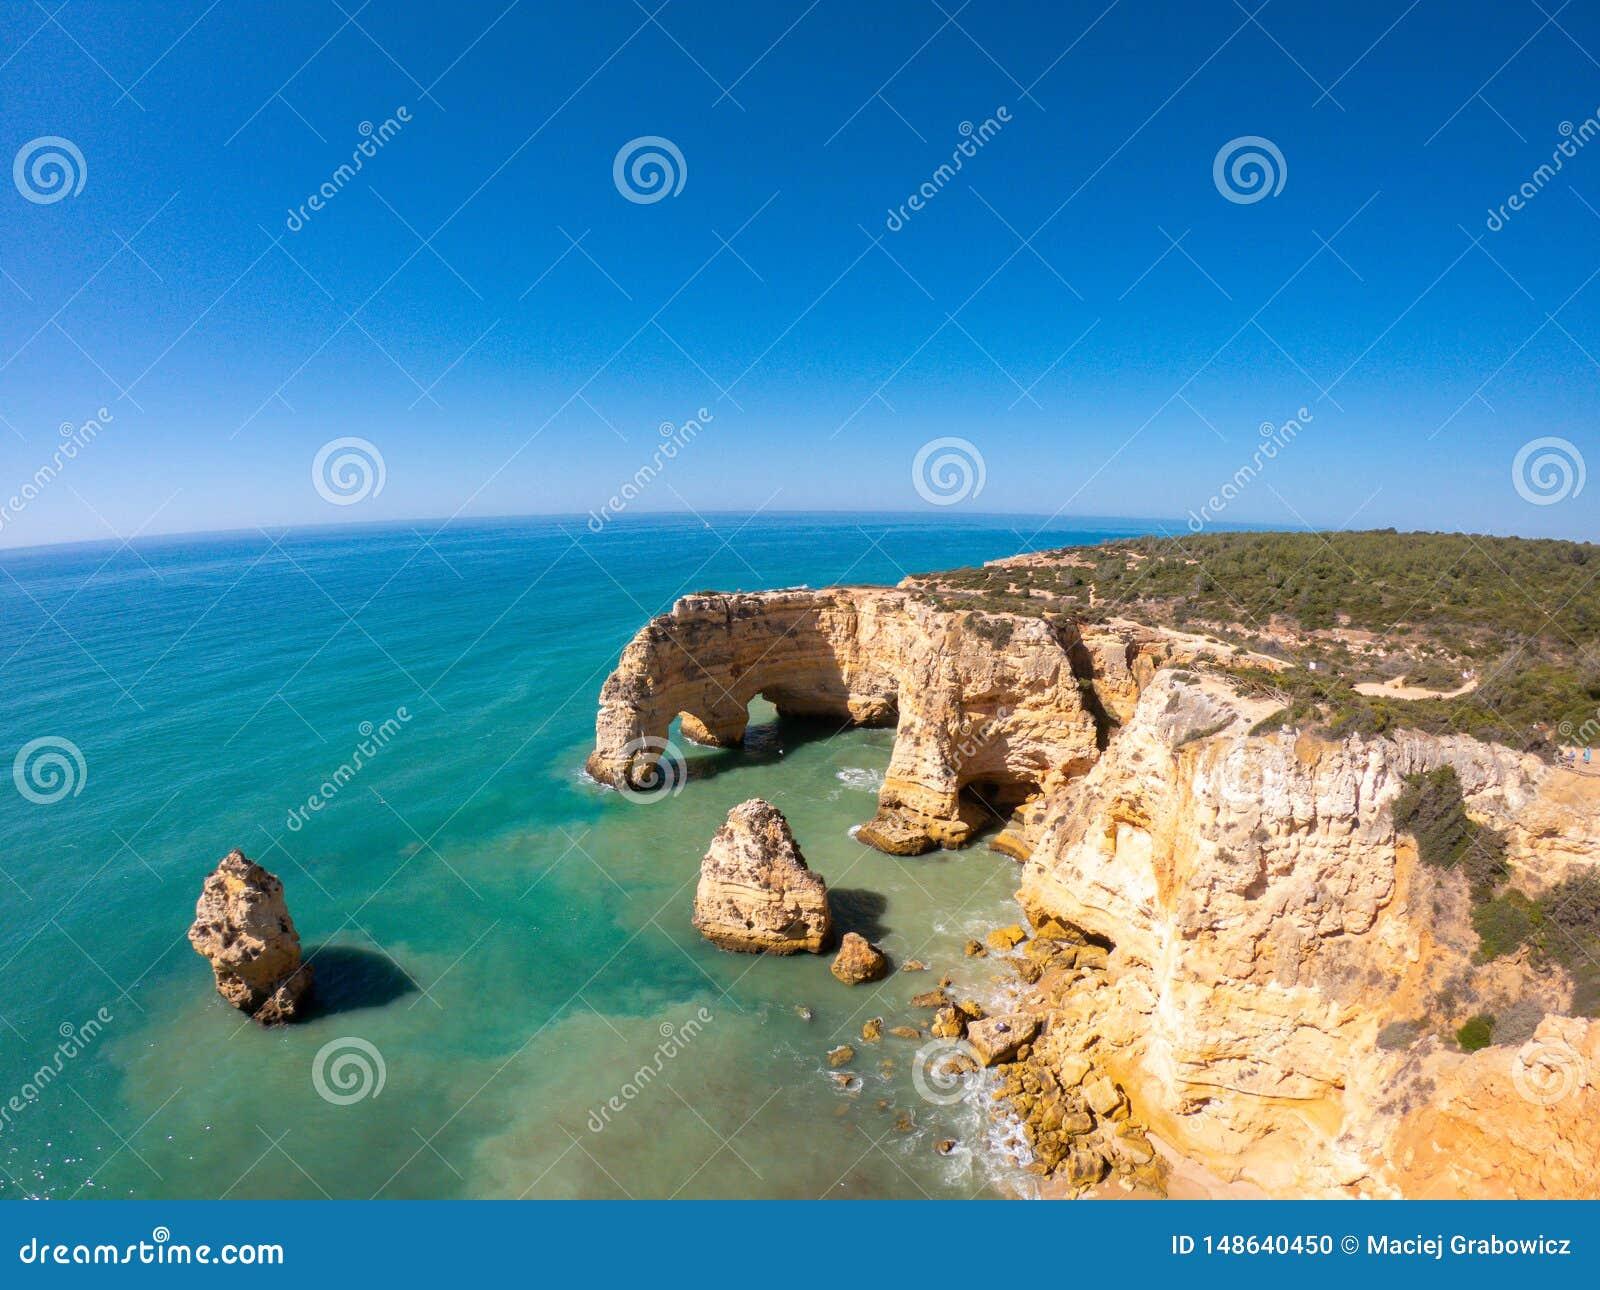 Sch?ner Strand Praia De Marinha Most in Lagoa, Algarve Portugal Vogelperspektive auf Klippen und K?ste von Atlantik